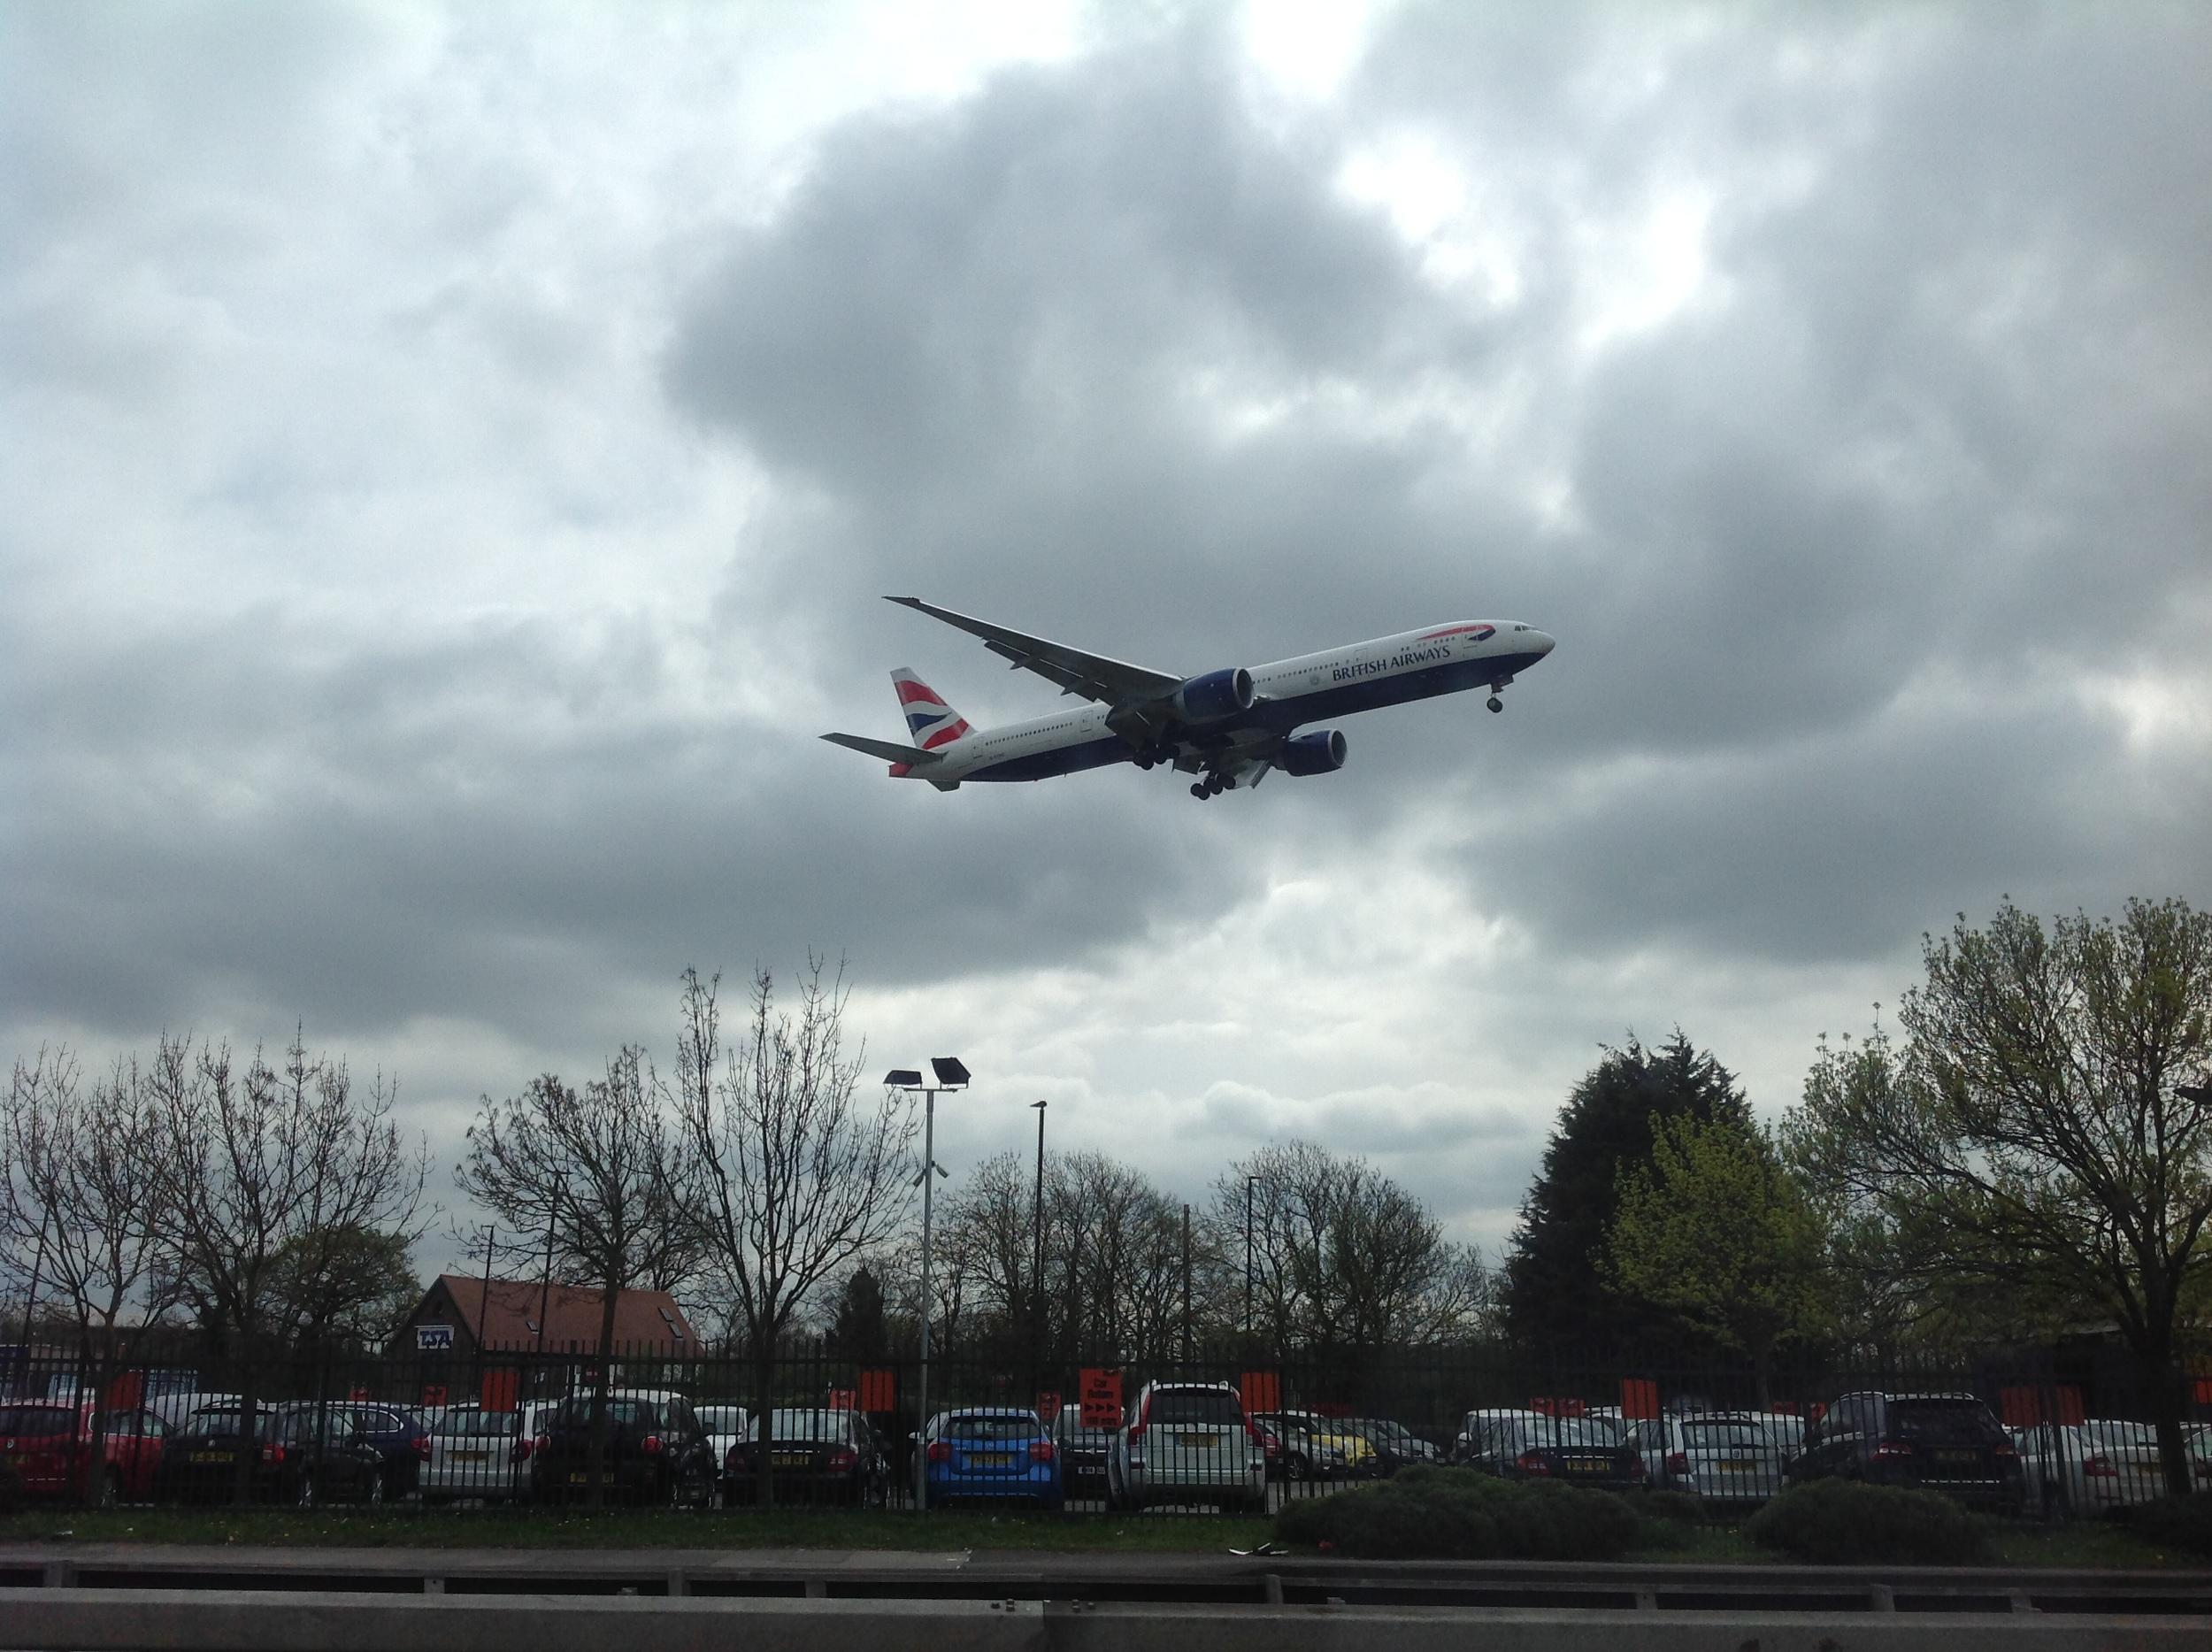 Landing in London ...